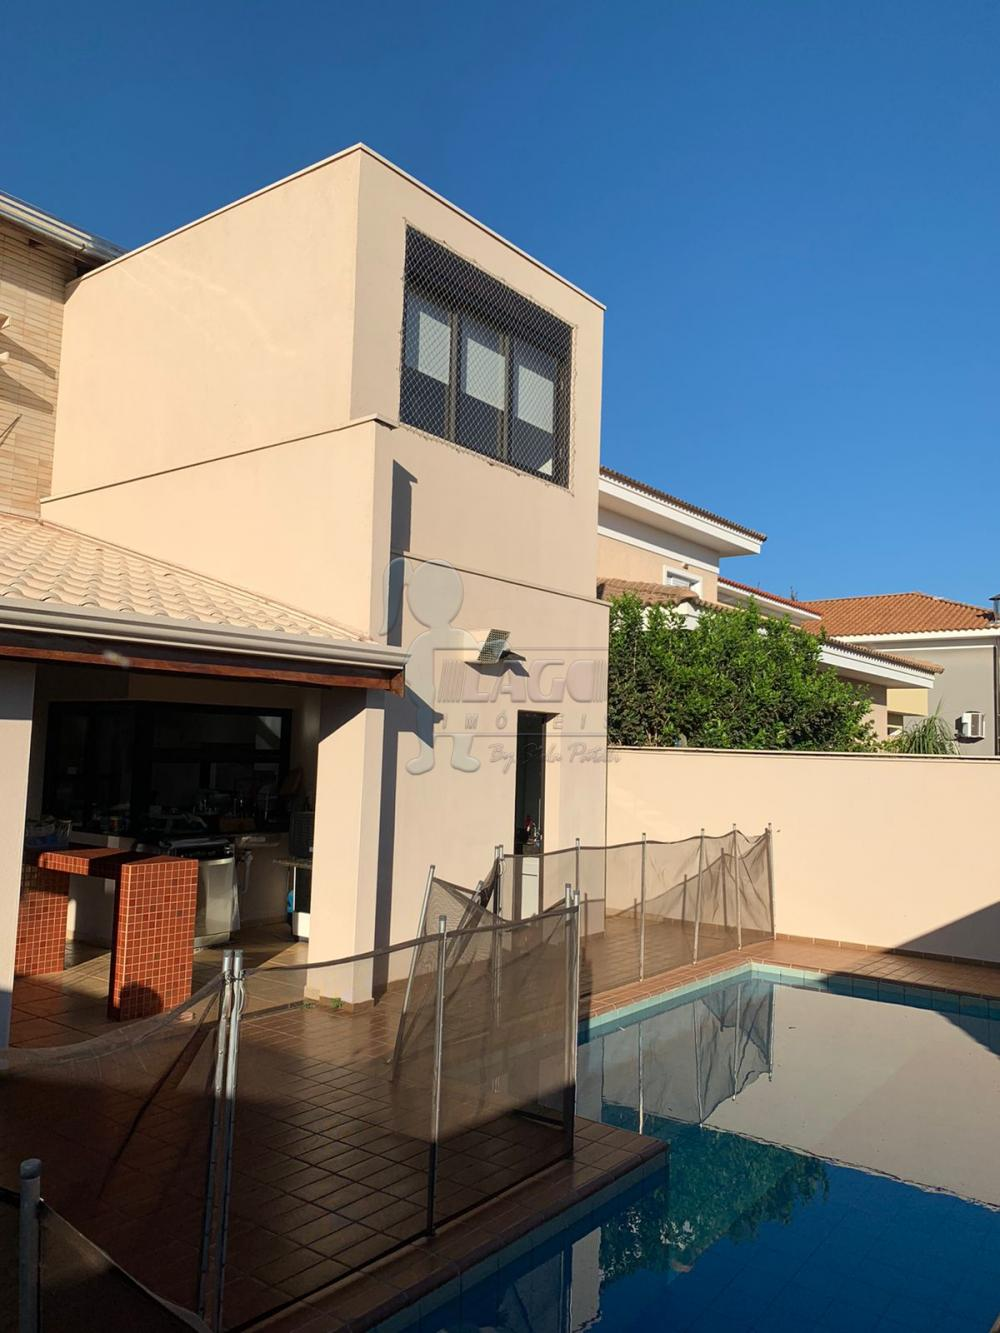 Comprar Casas / Condomínio em Bonfim Paulista R$ 1.555.000,00 - Foto 19